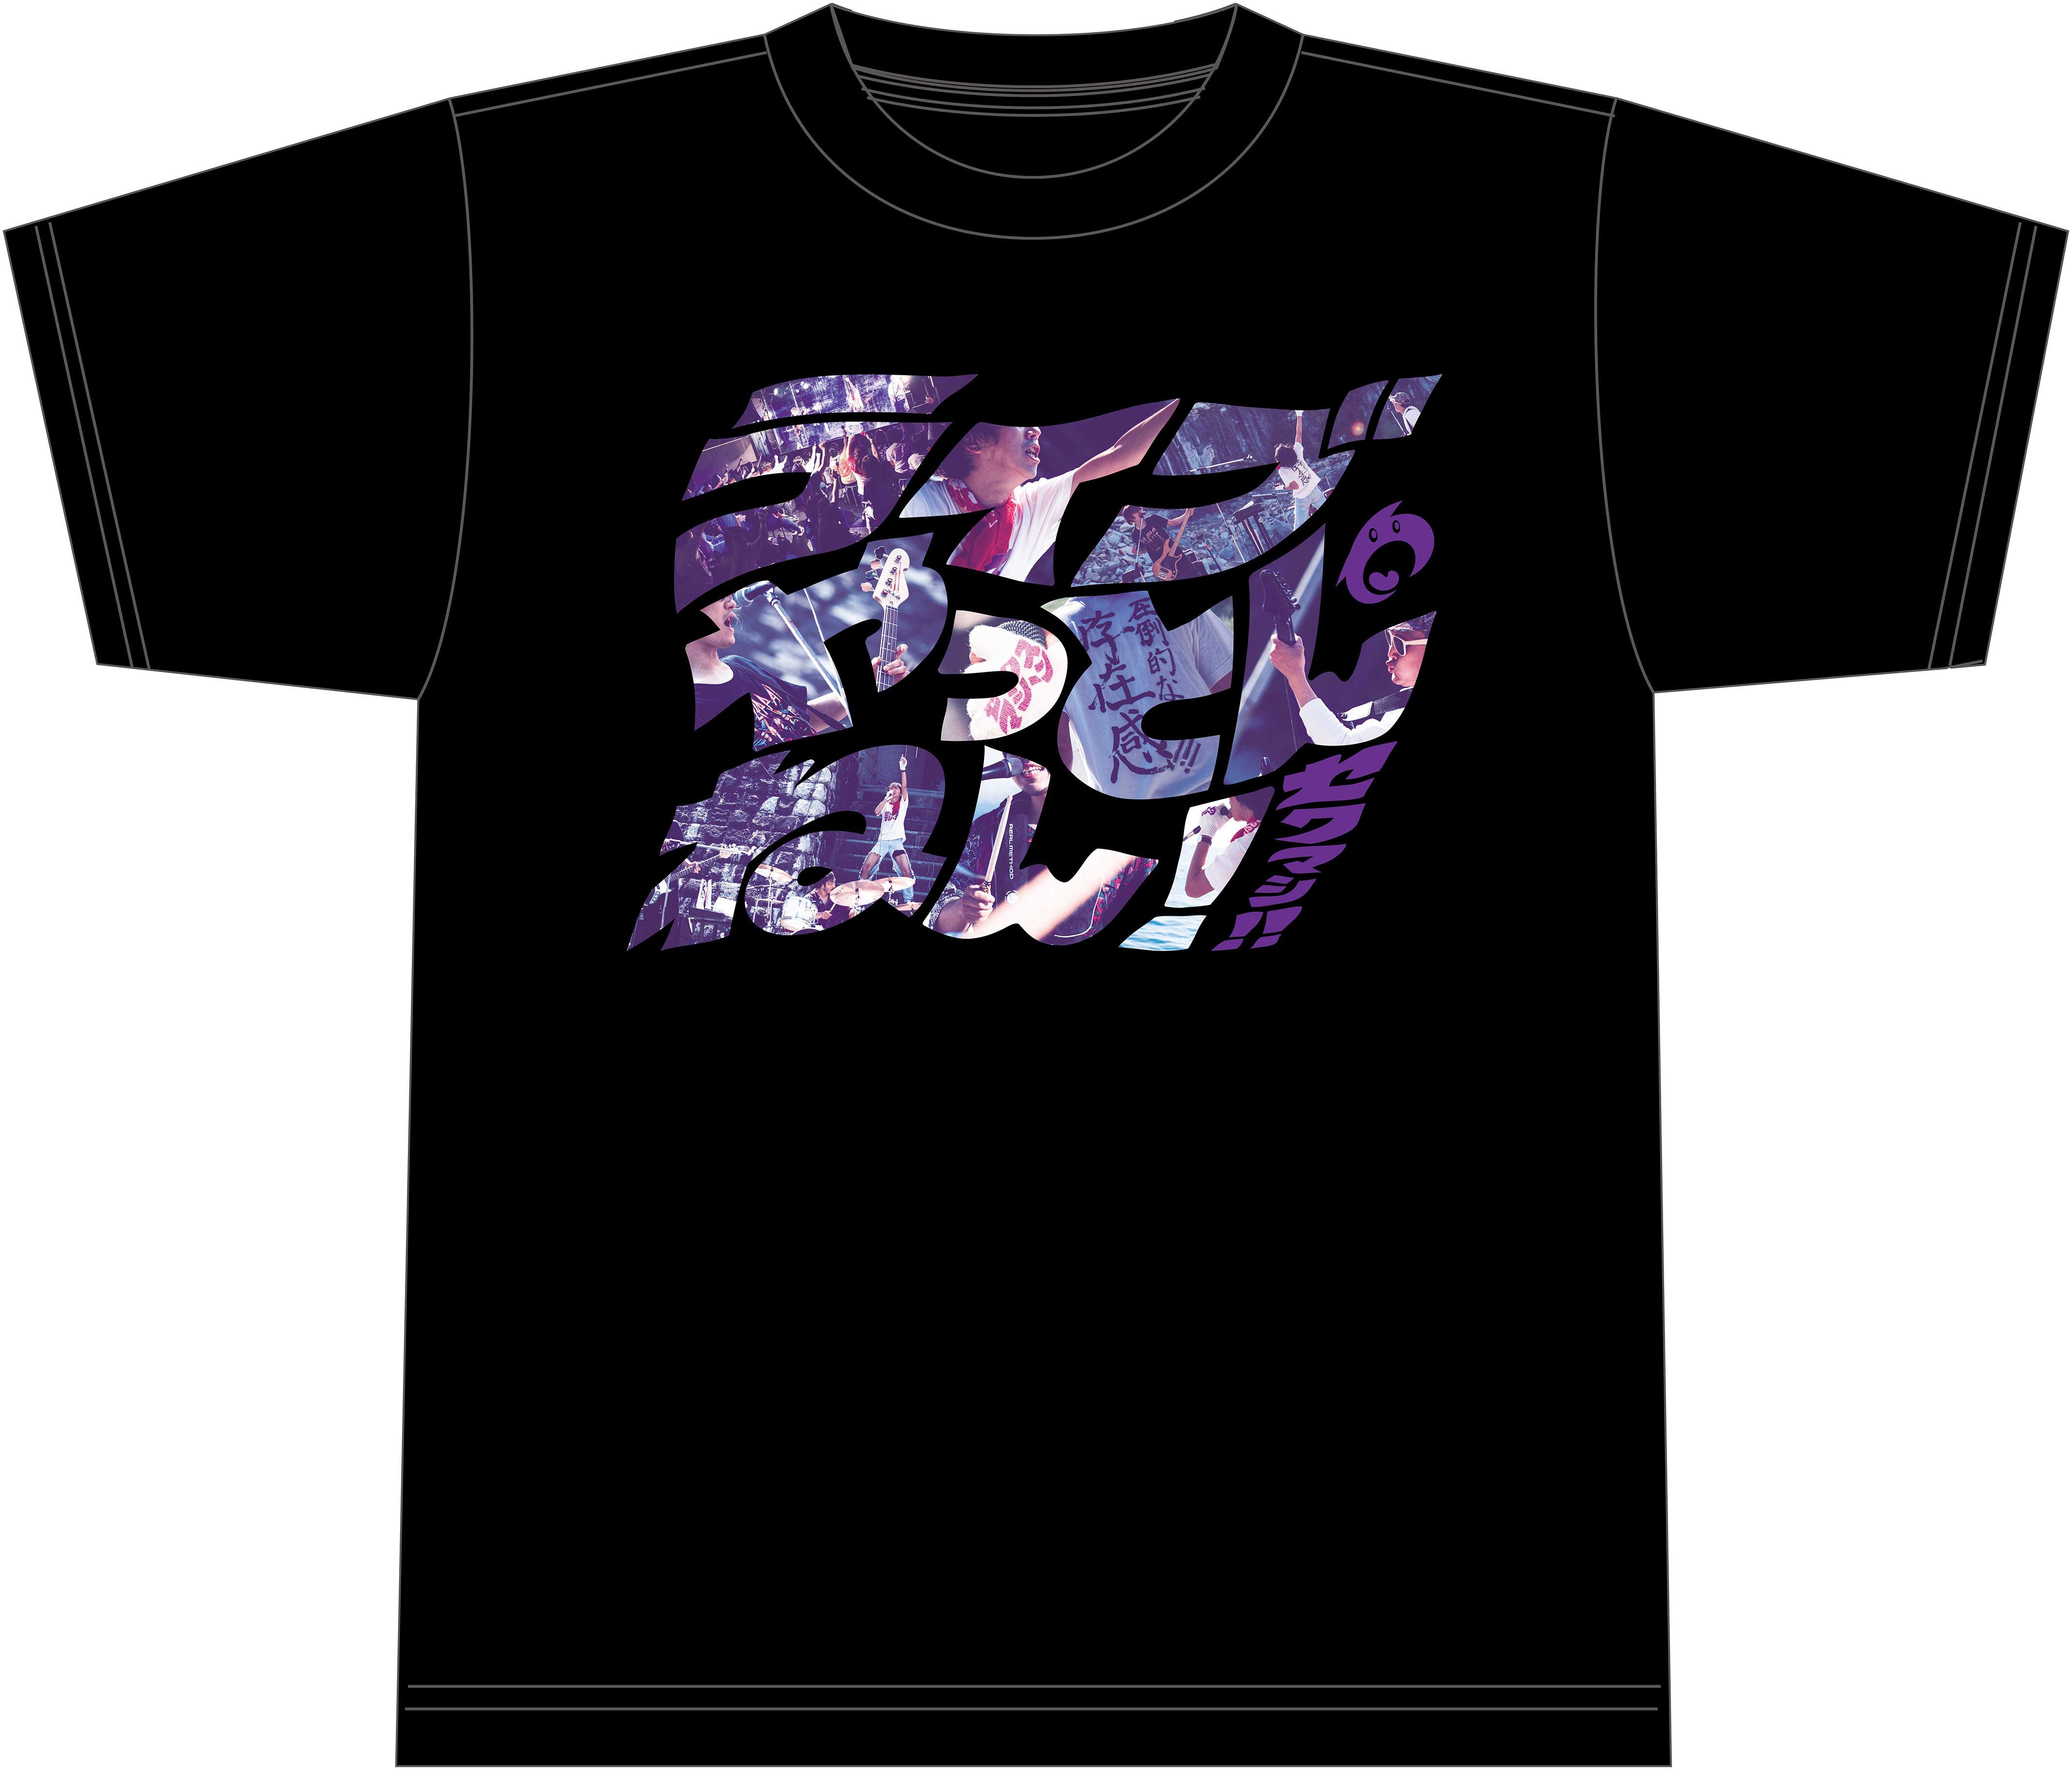 ライブやっとんねん!!Tシャツ(ホワイト、ブラック)